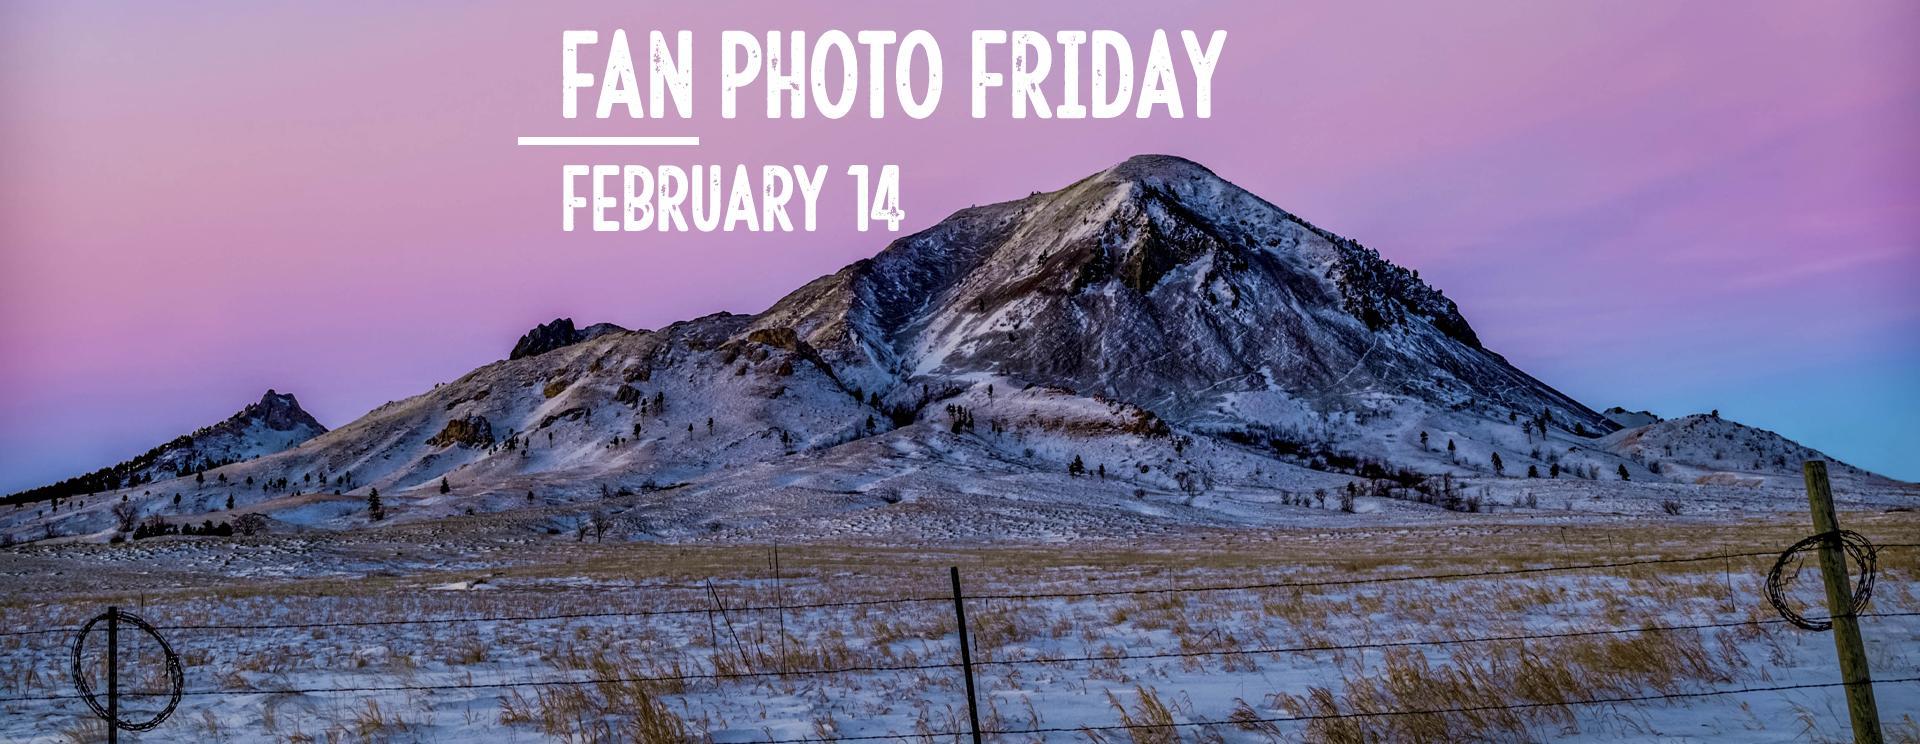 Fan Photo Friday | Feb. 14, 2020